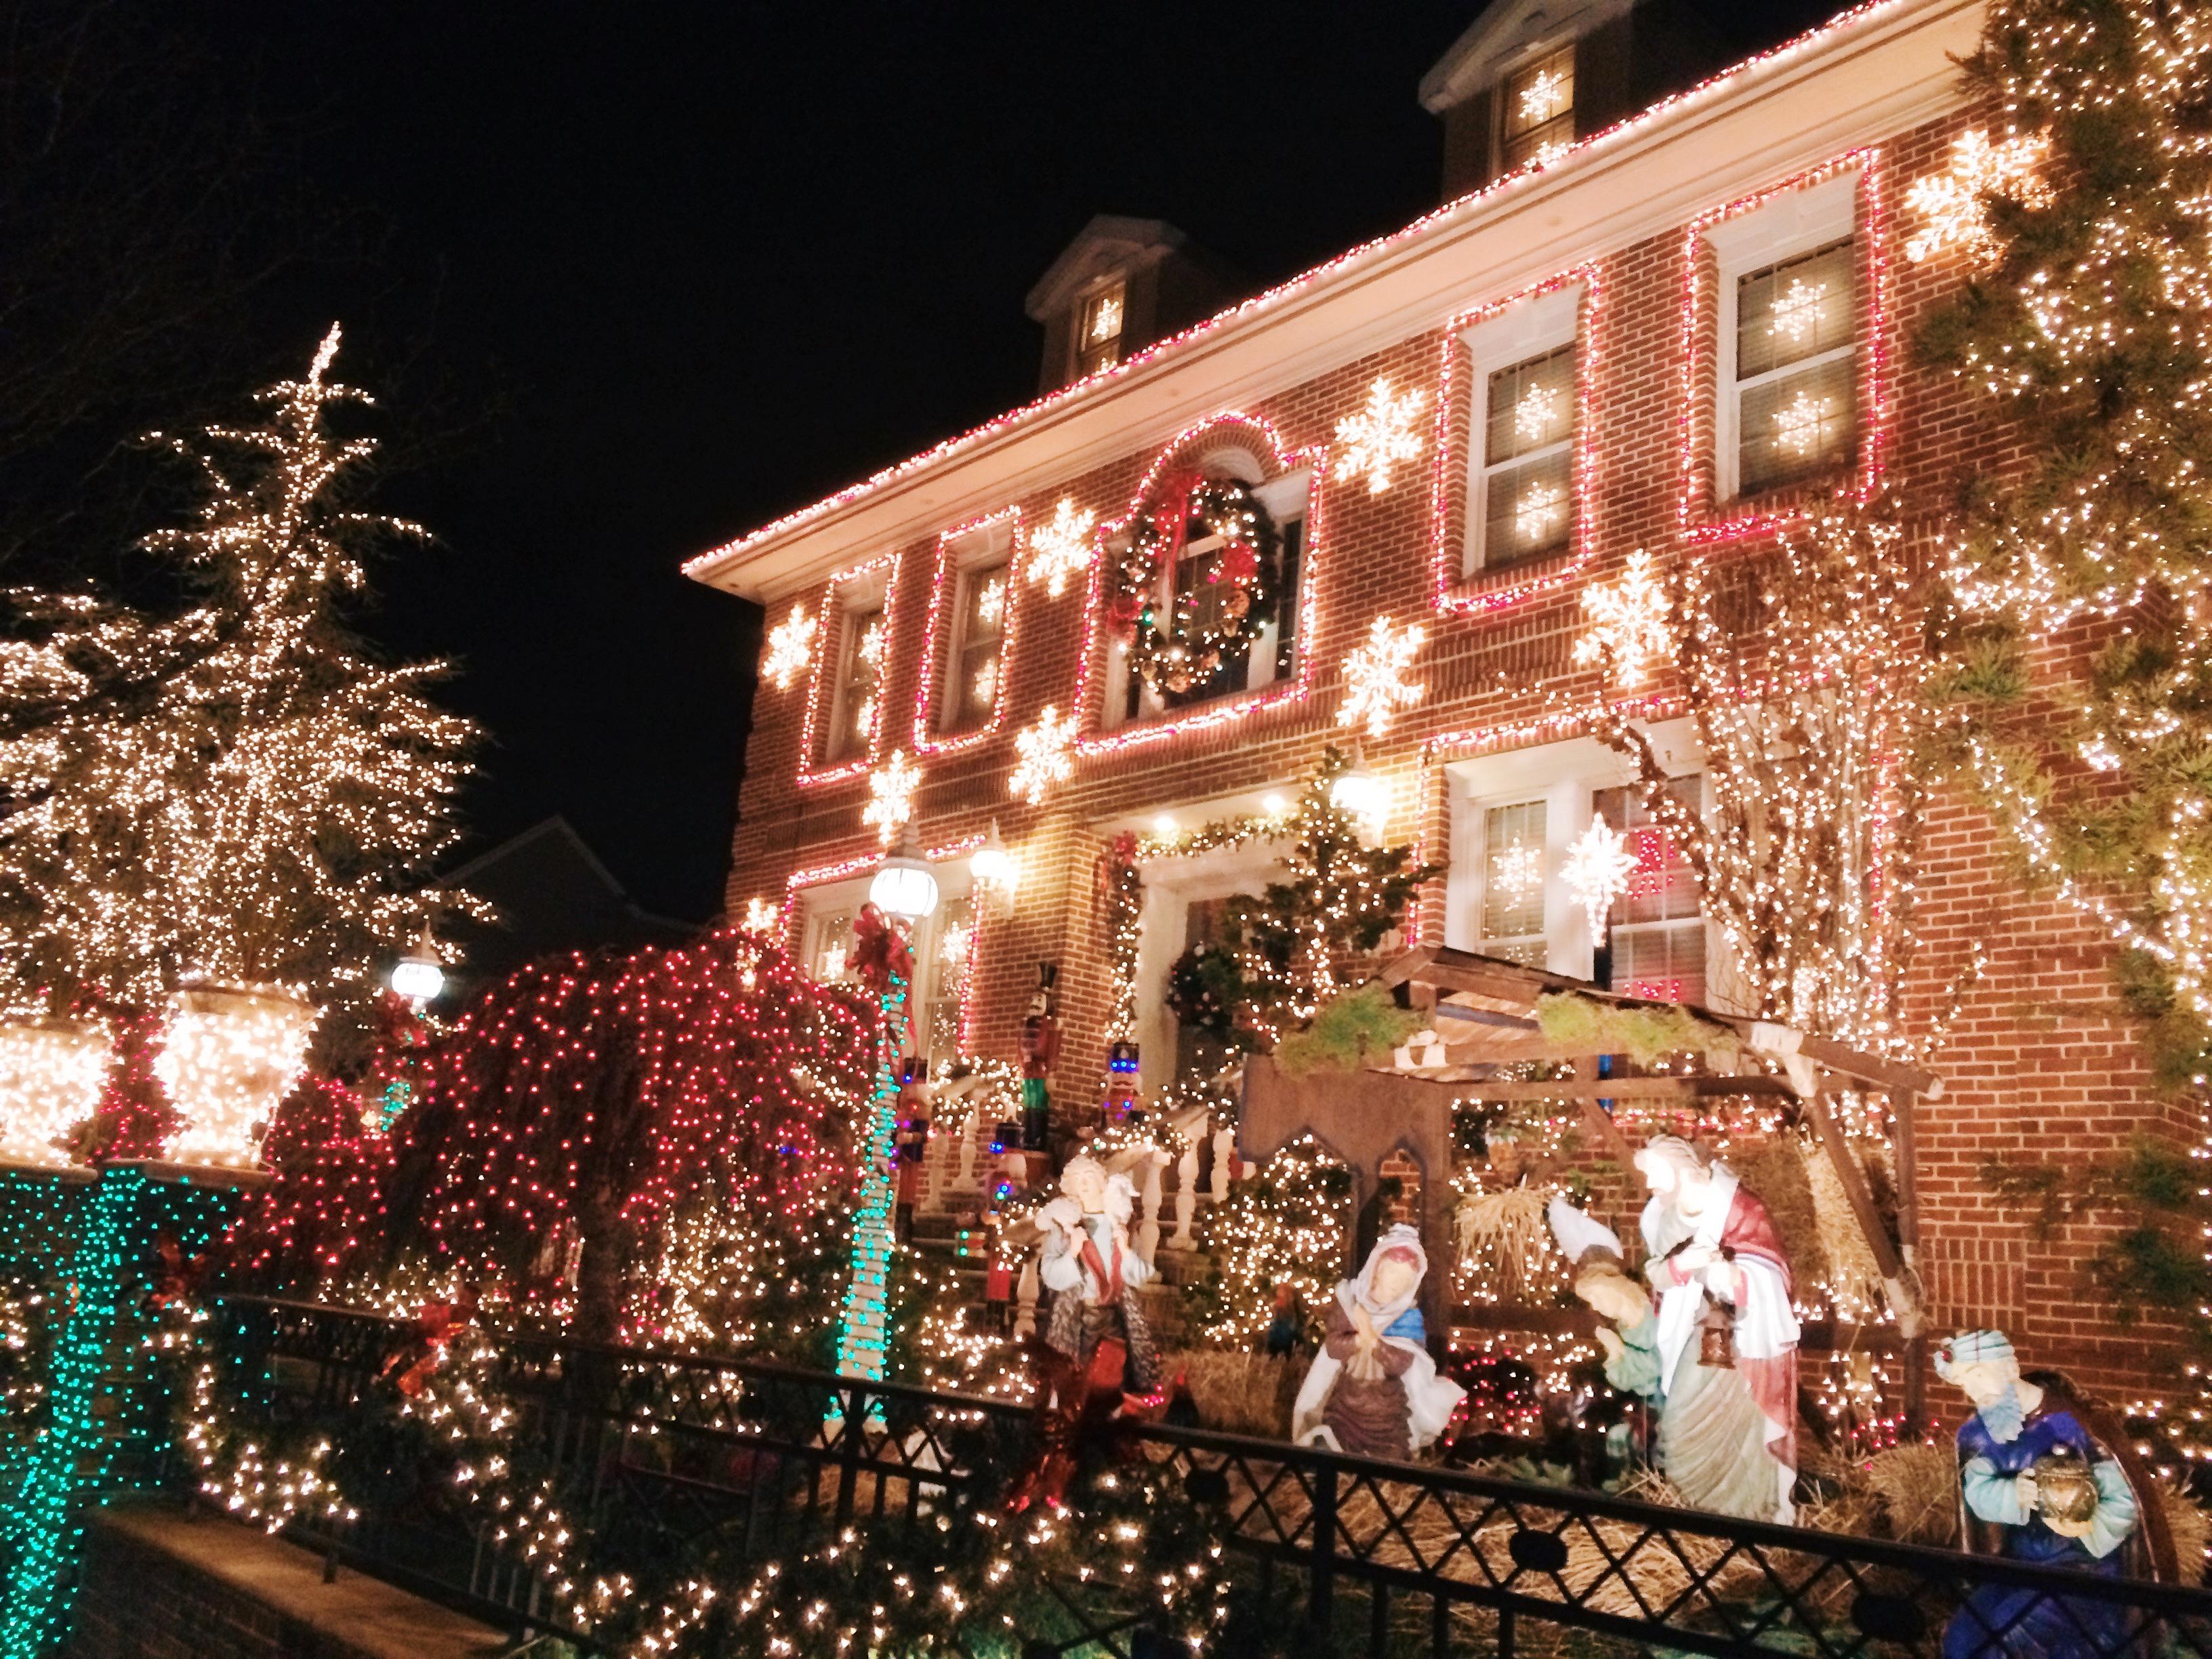 8e3fcd48 0d08 45c9 9d97 b0c633d1dadb - Christmas in New York - ホリデーシーズンのニューヨーク 街に溢れるクリスマスイルミネーション